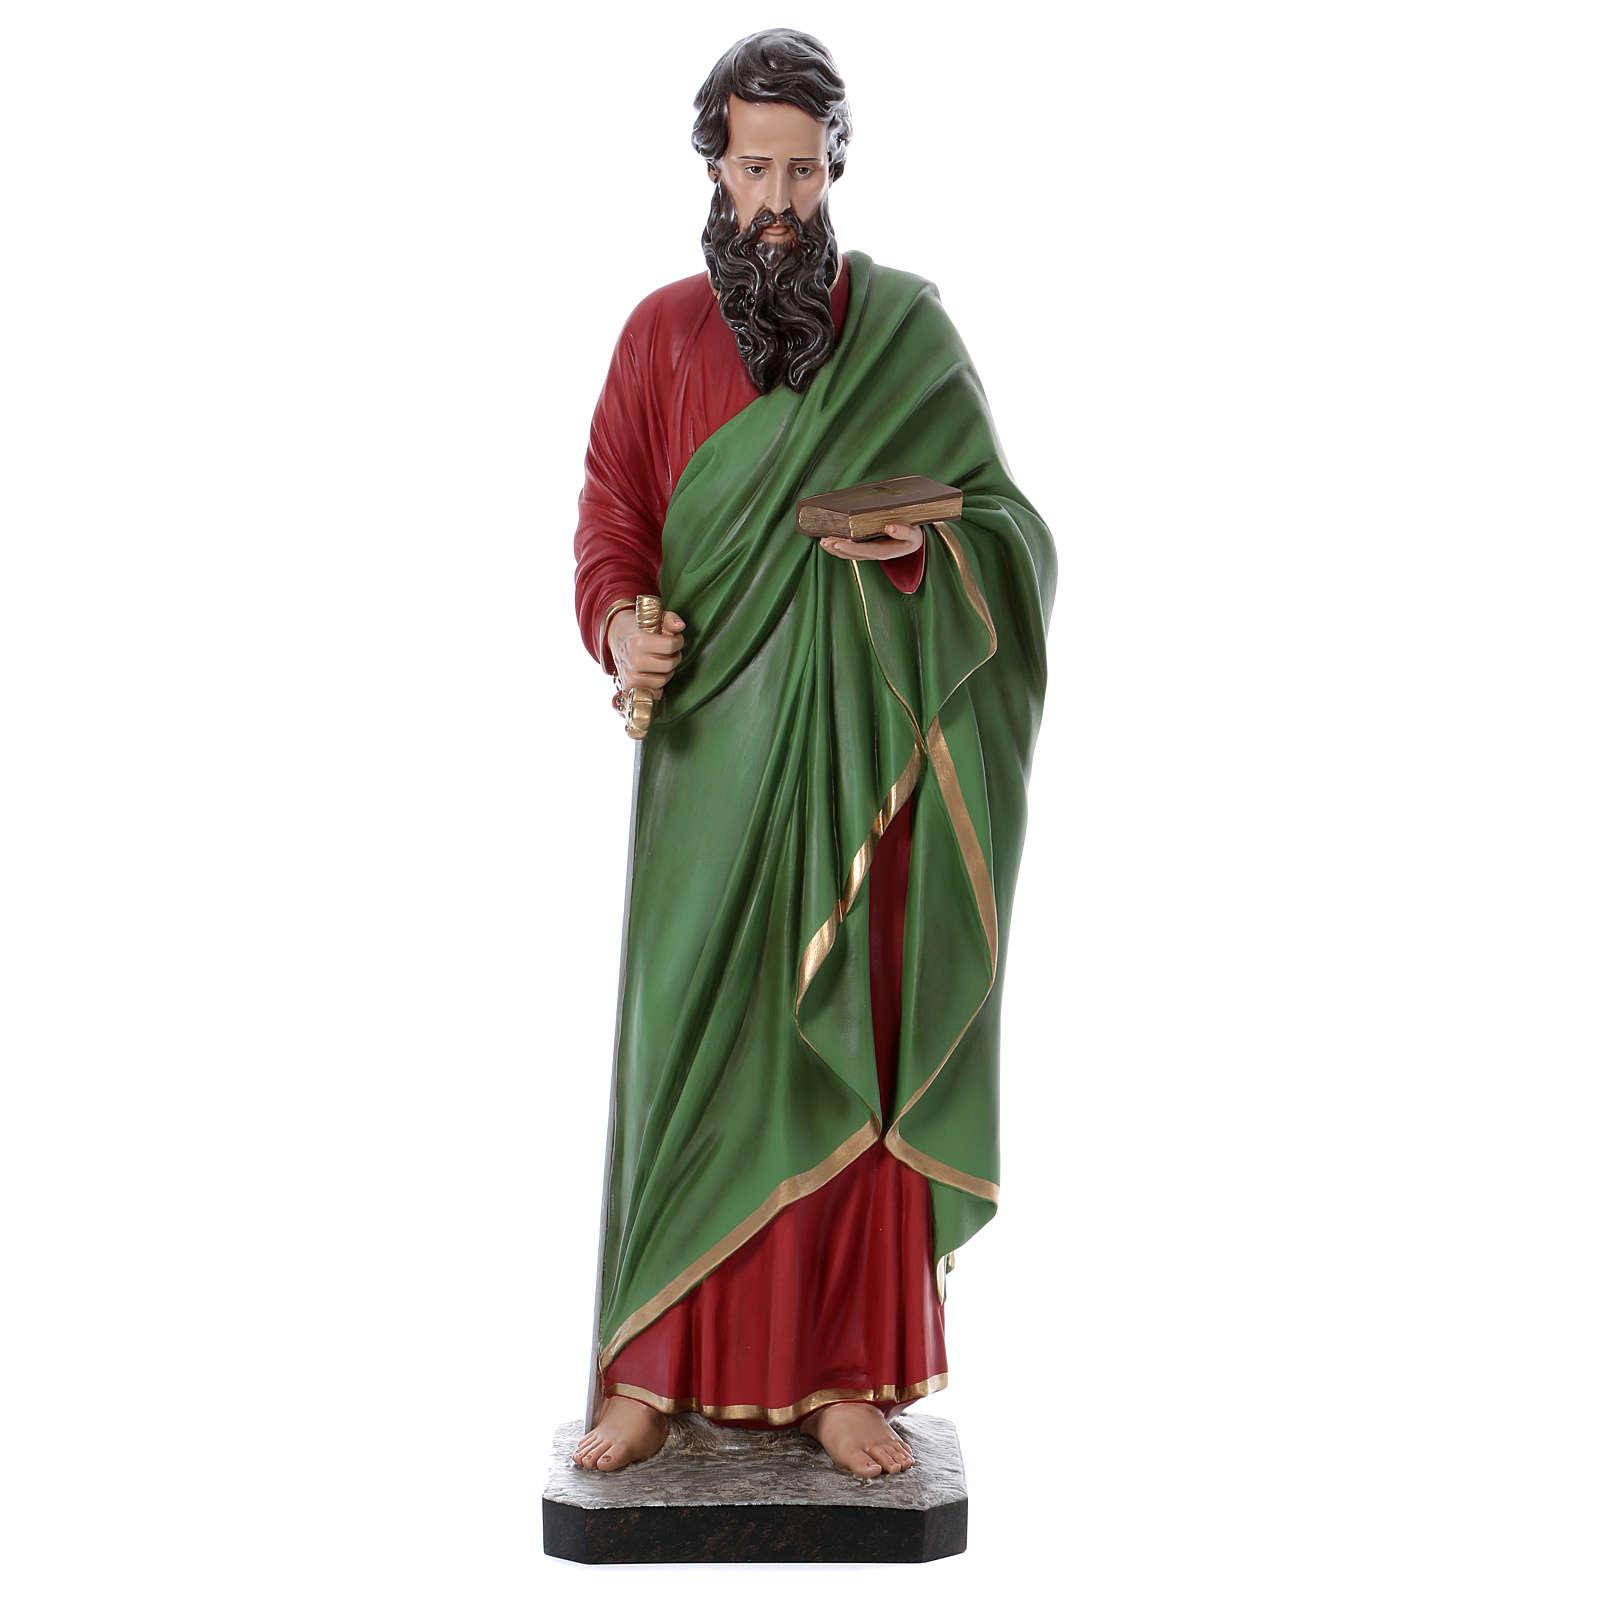 Statua San Paolo 110 cm vetroresina colorata 4